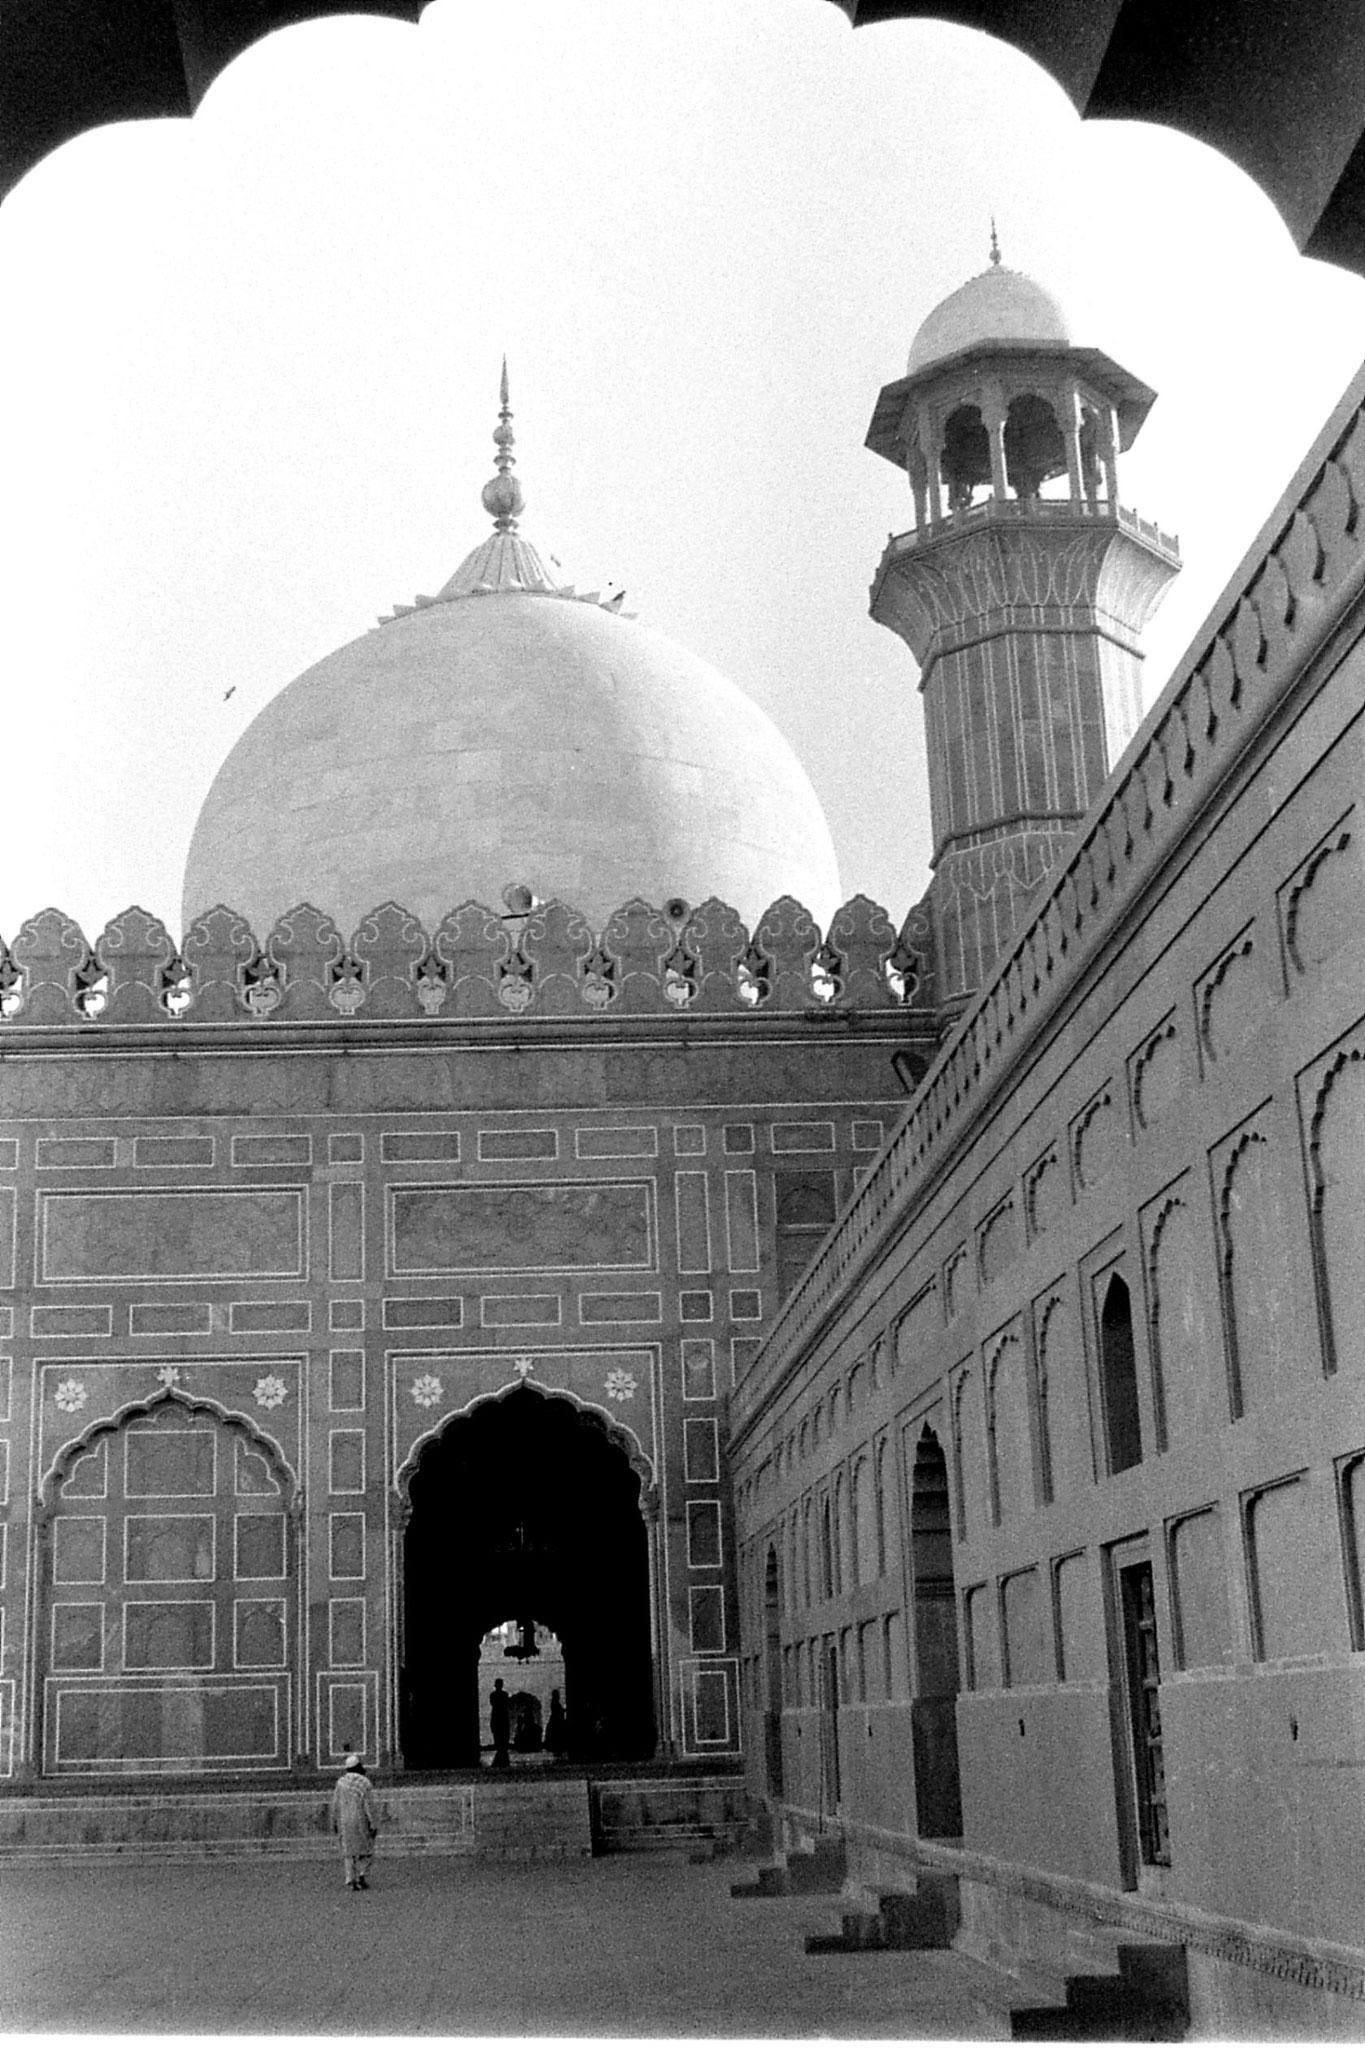 15/11/1989: 2: Lahore, Badshahi Mosque